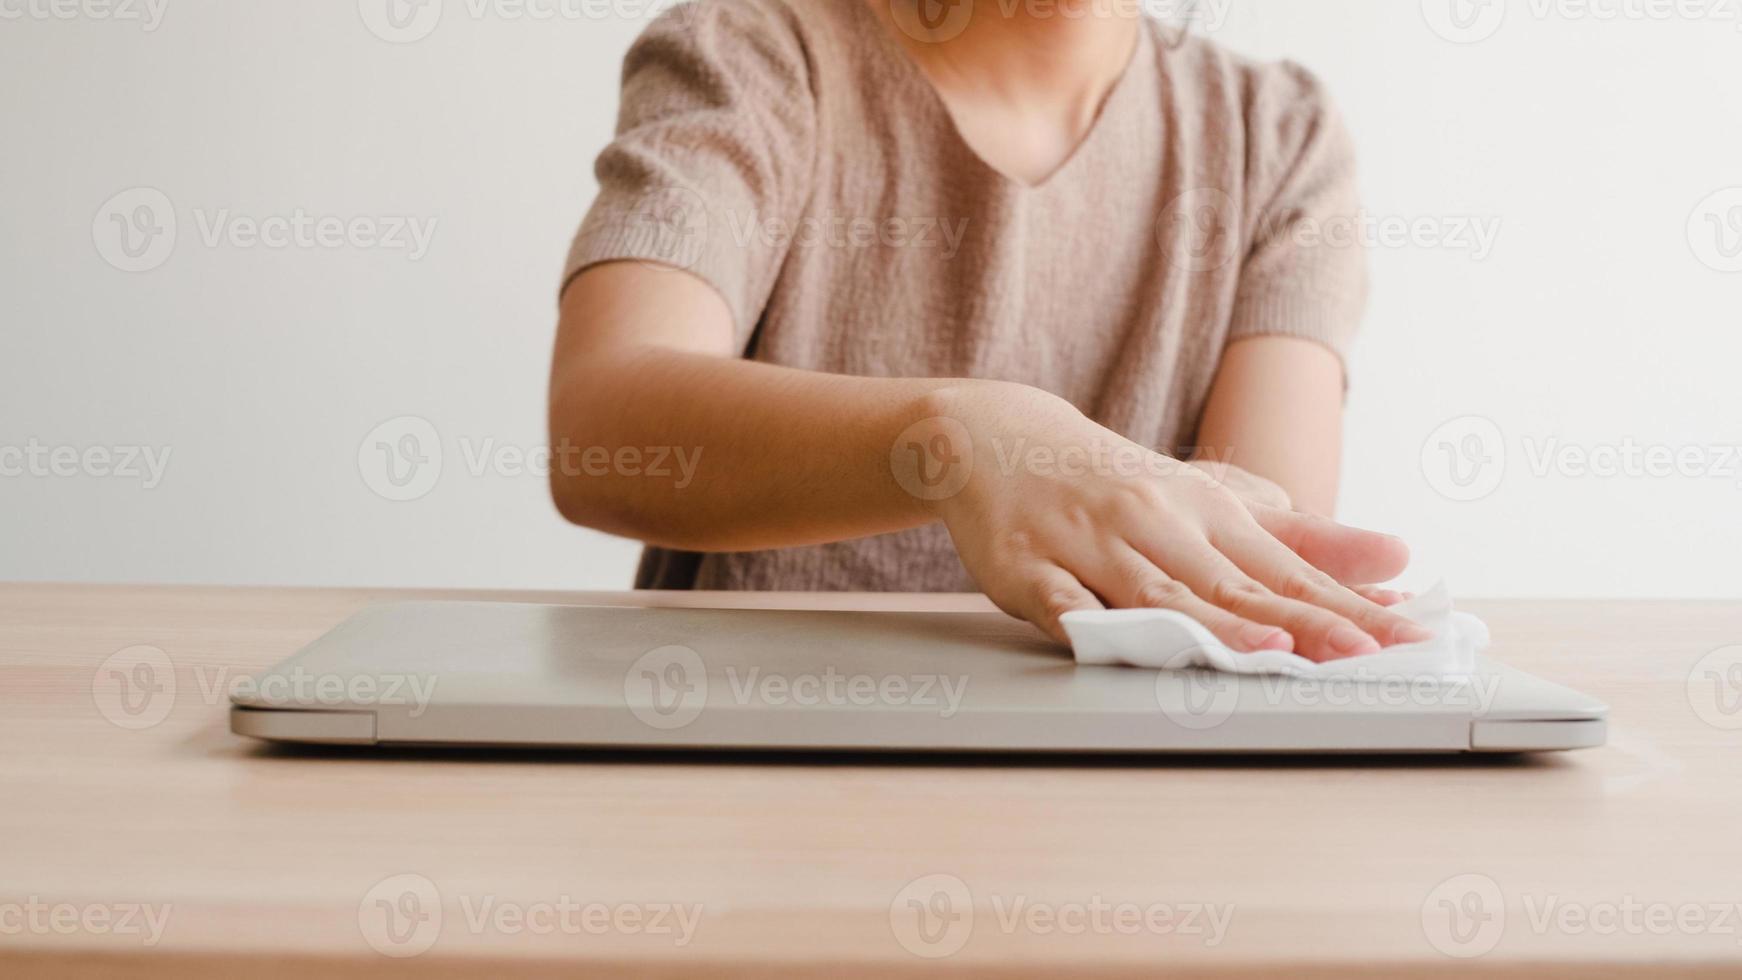 Mujer asiática que usa spray de alcohol en una computadora portátil limpia de tejido antes de abrir para proteger el coronavirus. Computadora limpia femenina para la higiene cuando el distanciamiento social se queda en casa y el tiempo de auto cuarentena. foto